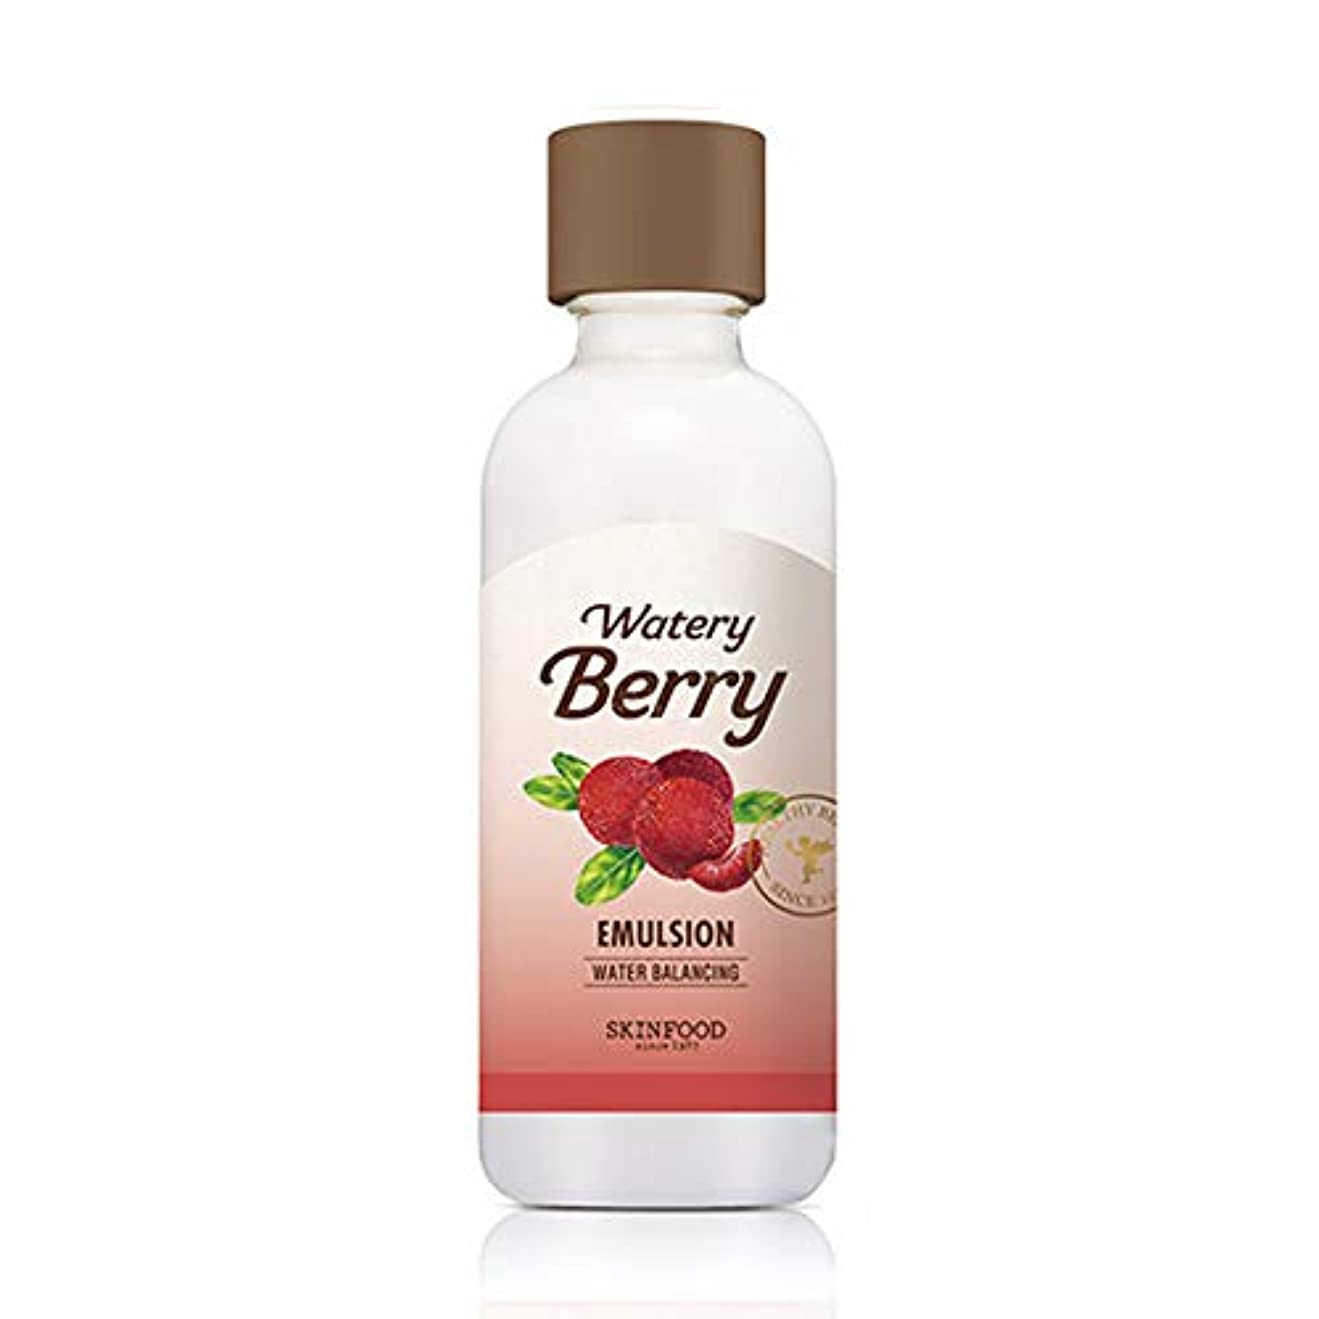 ローブ優雅資本主義Skinfood 水っぽい新鮮なエマルジョン/watery berry fresh emulsion 160ml [並行輸入品]